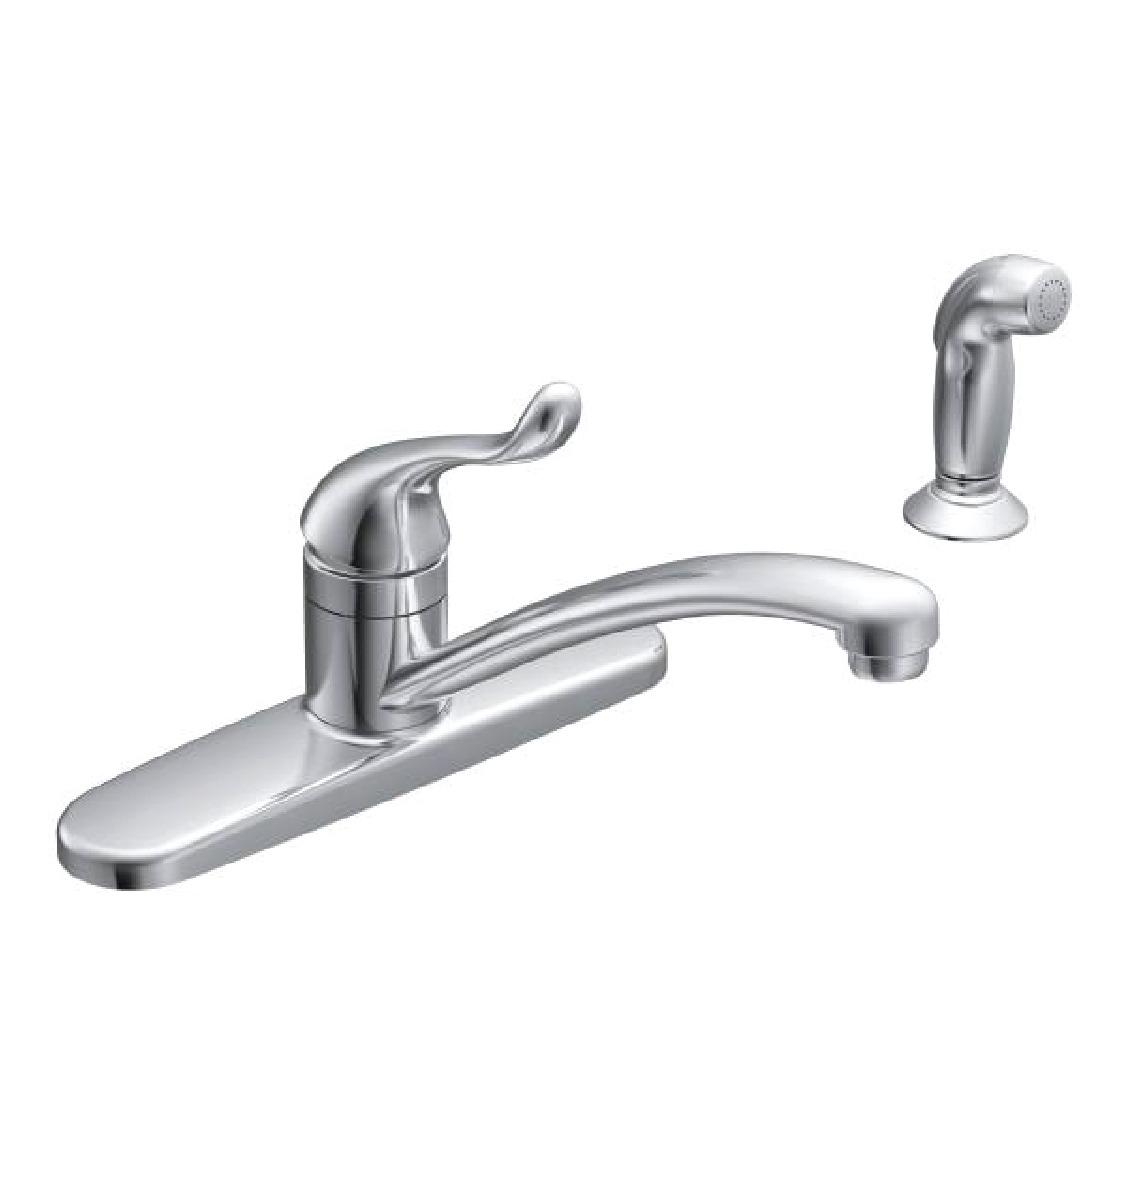 Moen CA87530 Adler One Handle Low Arc Kitchen Sink Faucet 01